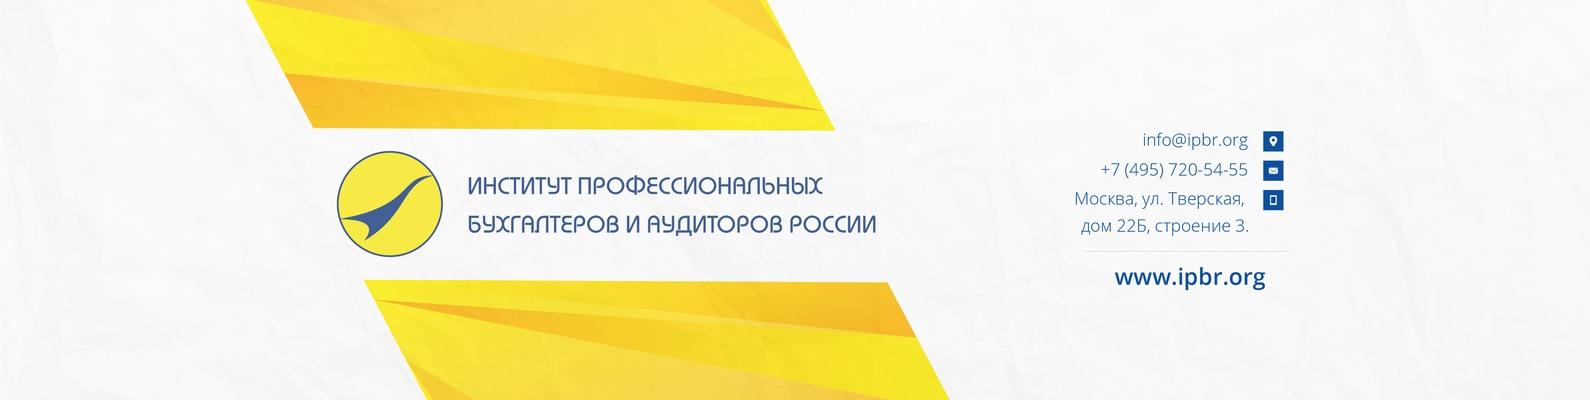 Тест ипб главный бухгалтер онлайн конфигурации 1с бухгалтерия 8.2